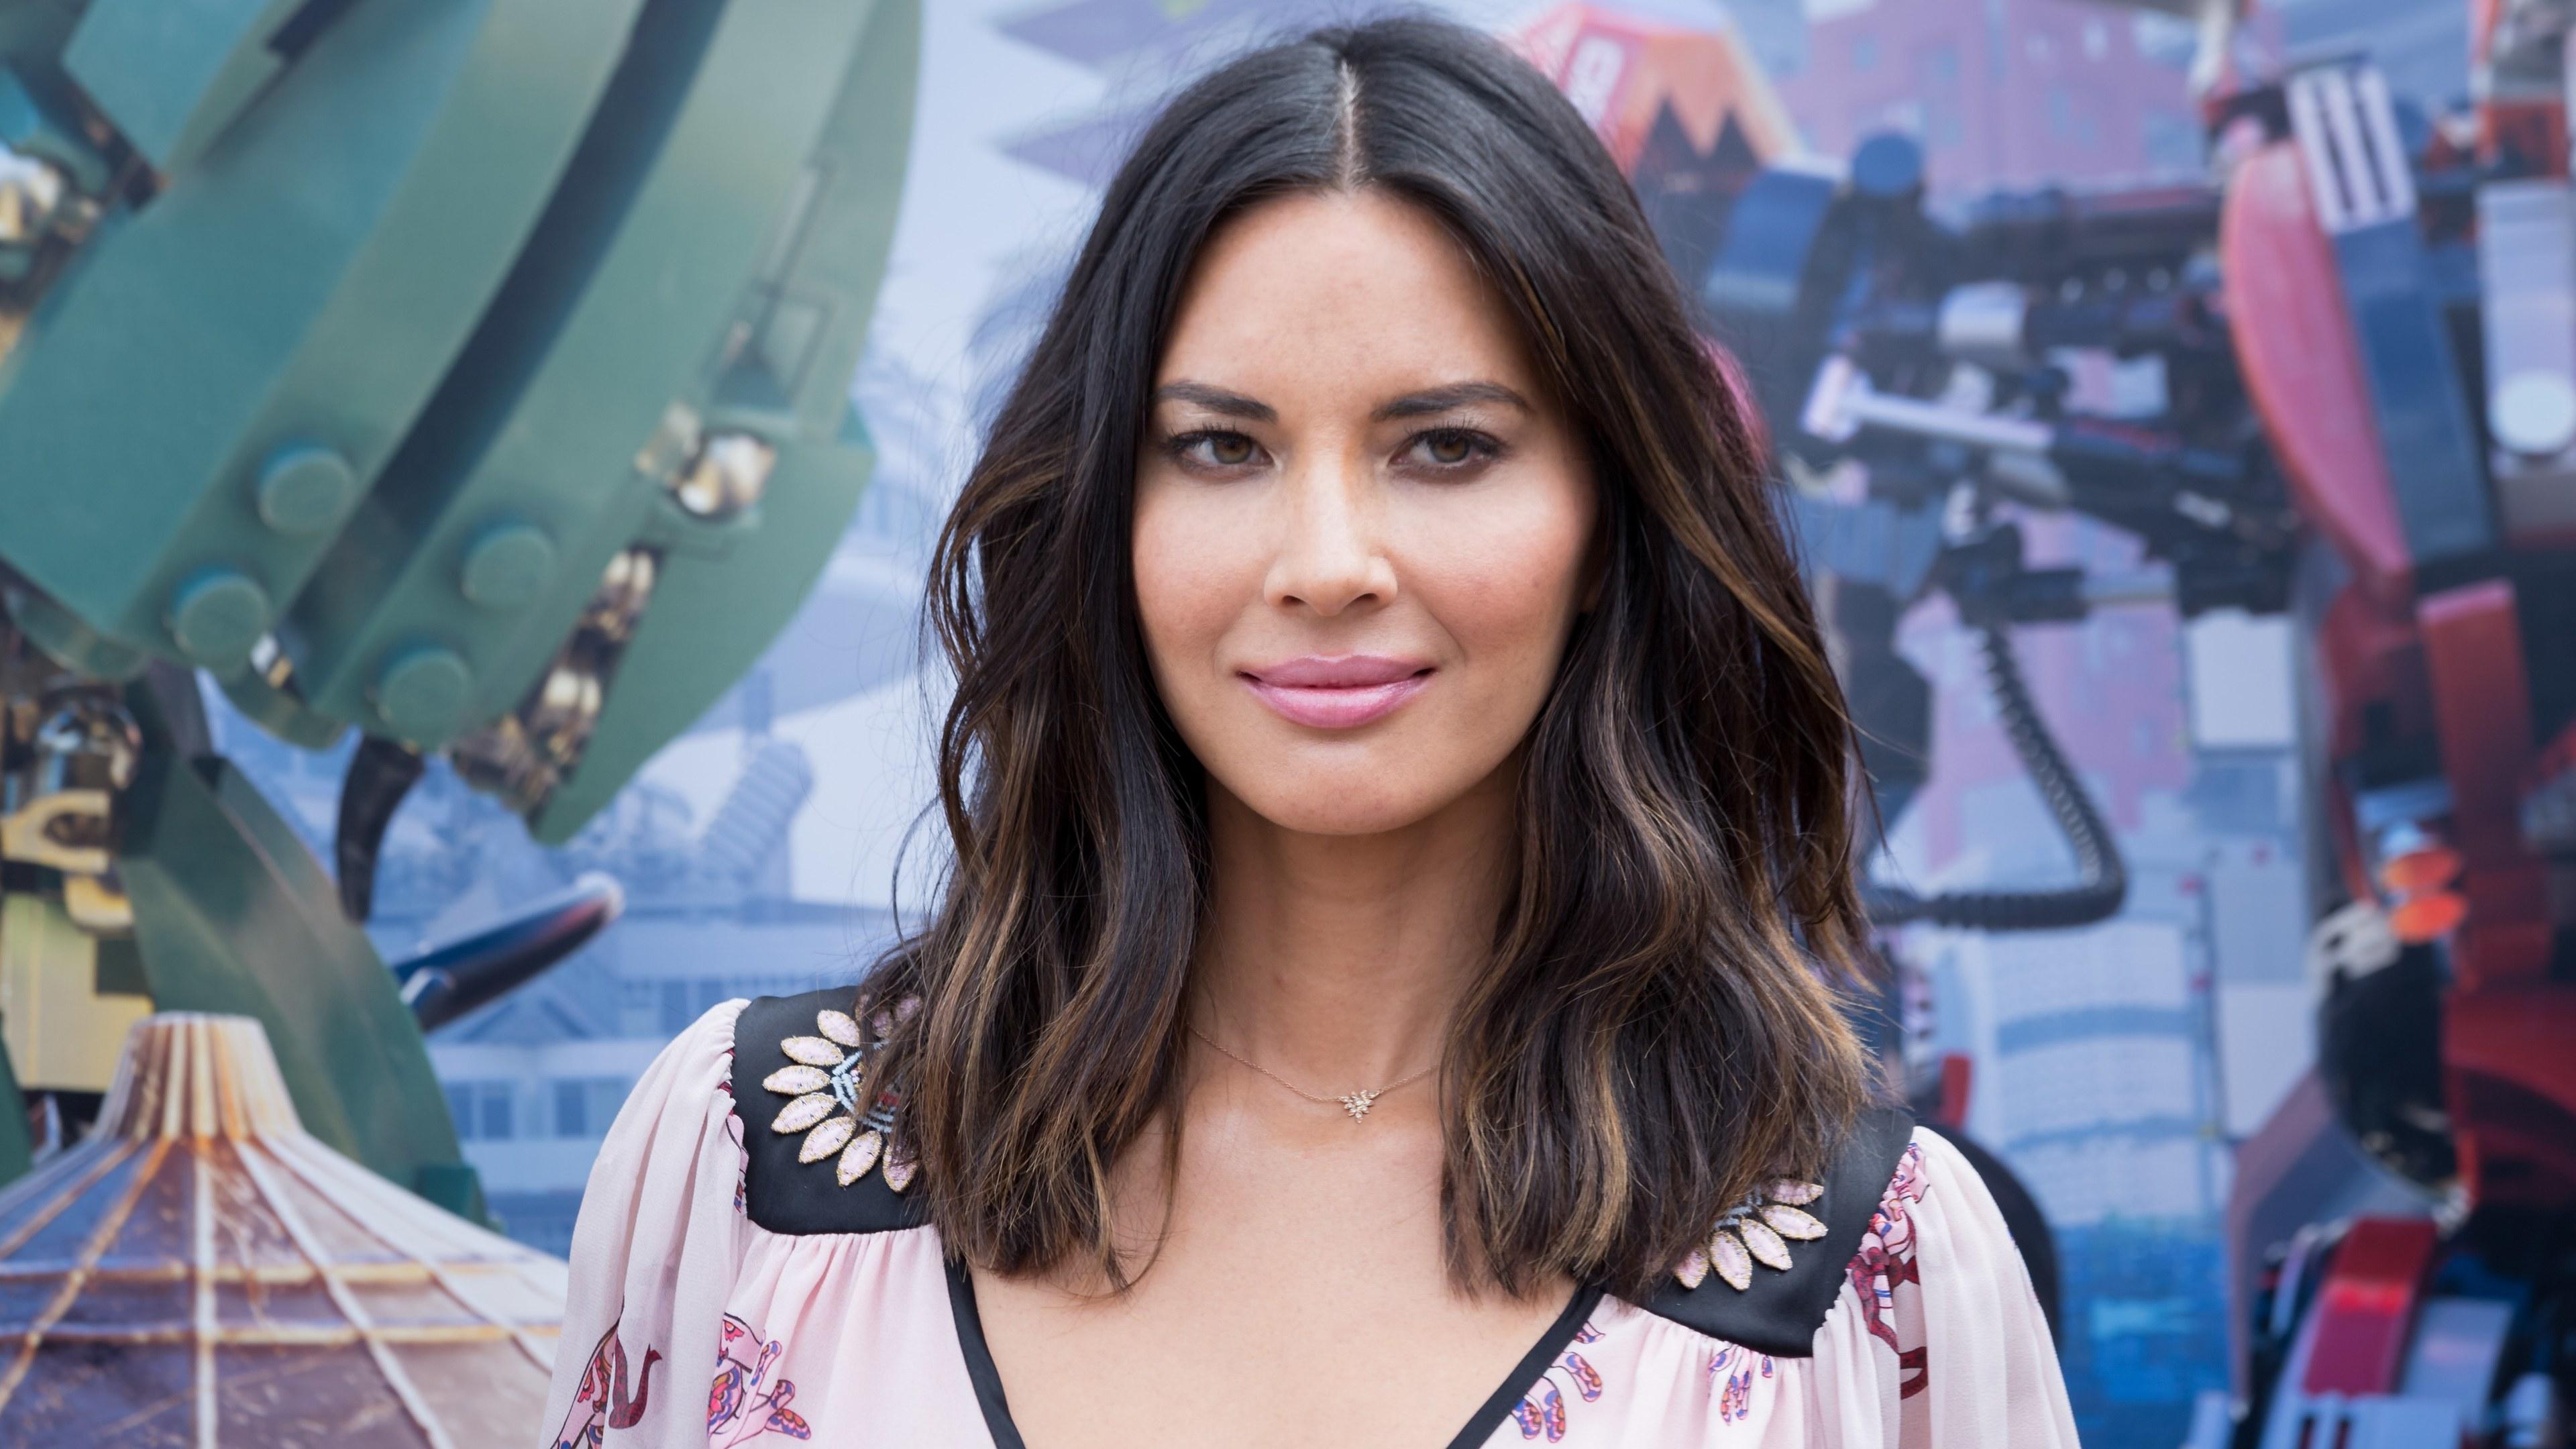 olivia munn 4k 2019 1536862943 - Olivia Munn 4k 2019 - olivia munn wallpapers, hd-wallpapers, girls wallpapers, celebrities wallpapers, 4k-wallpapers